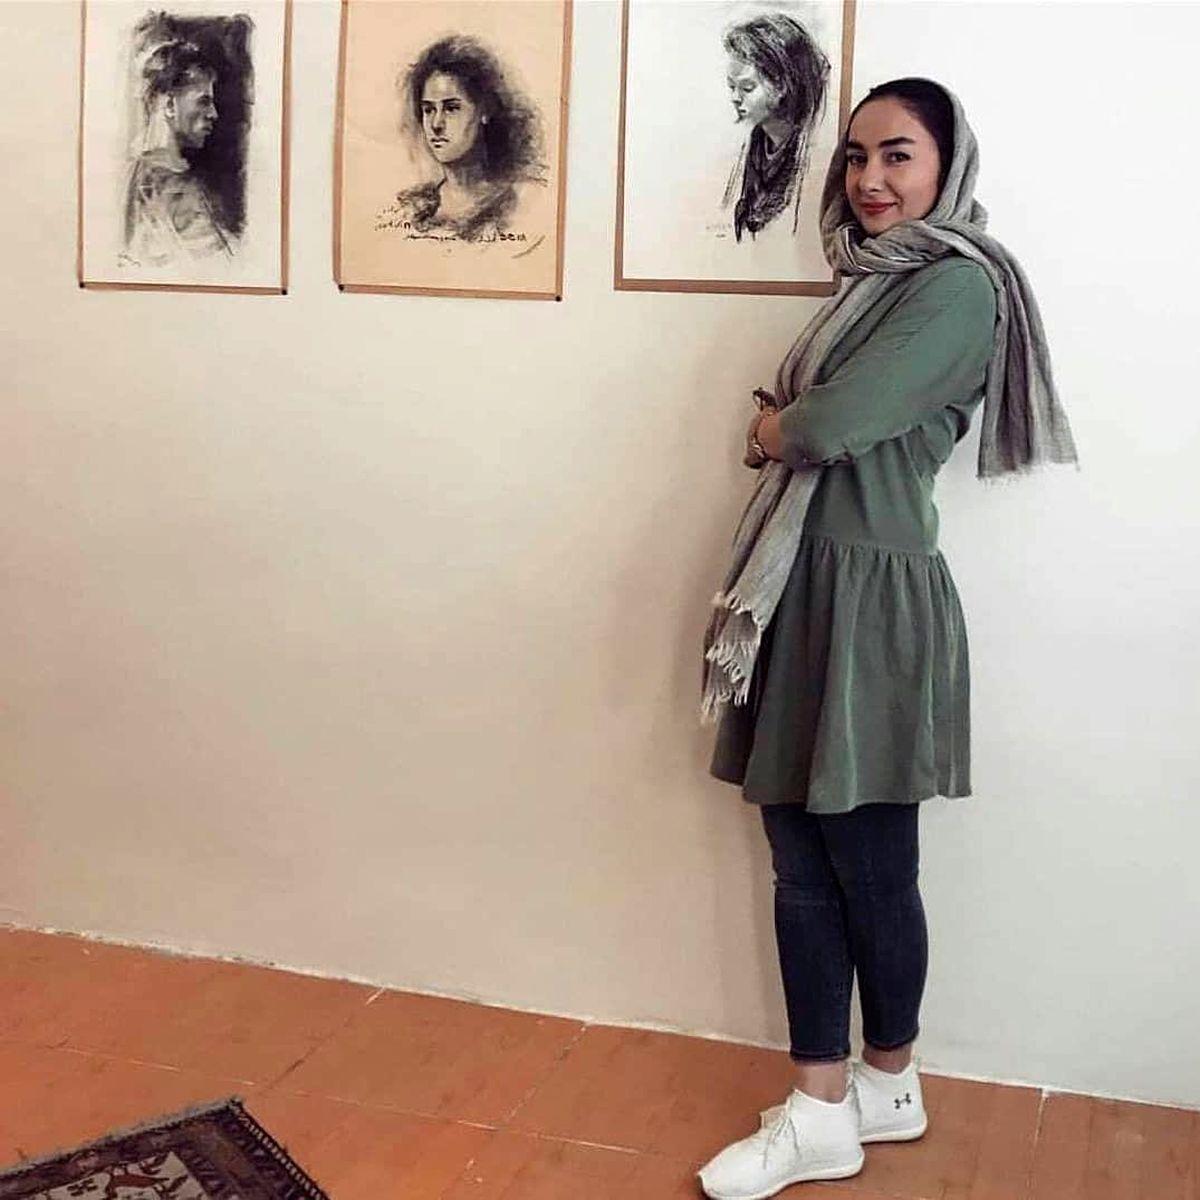 هانیه توسلی قربانی تجاوز در سنین جوانی ! ؟ + عکس